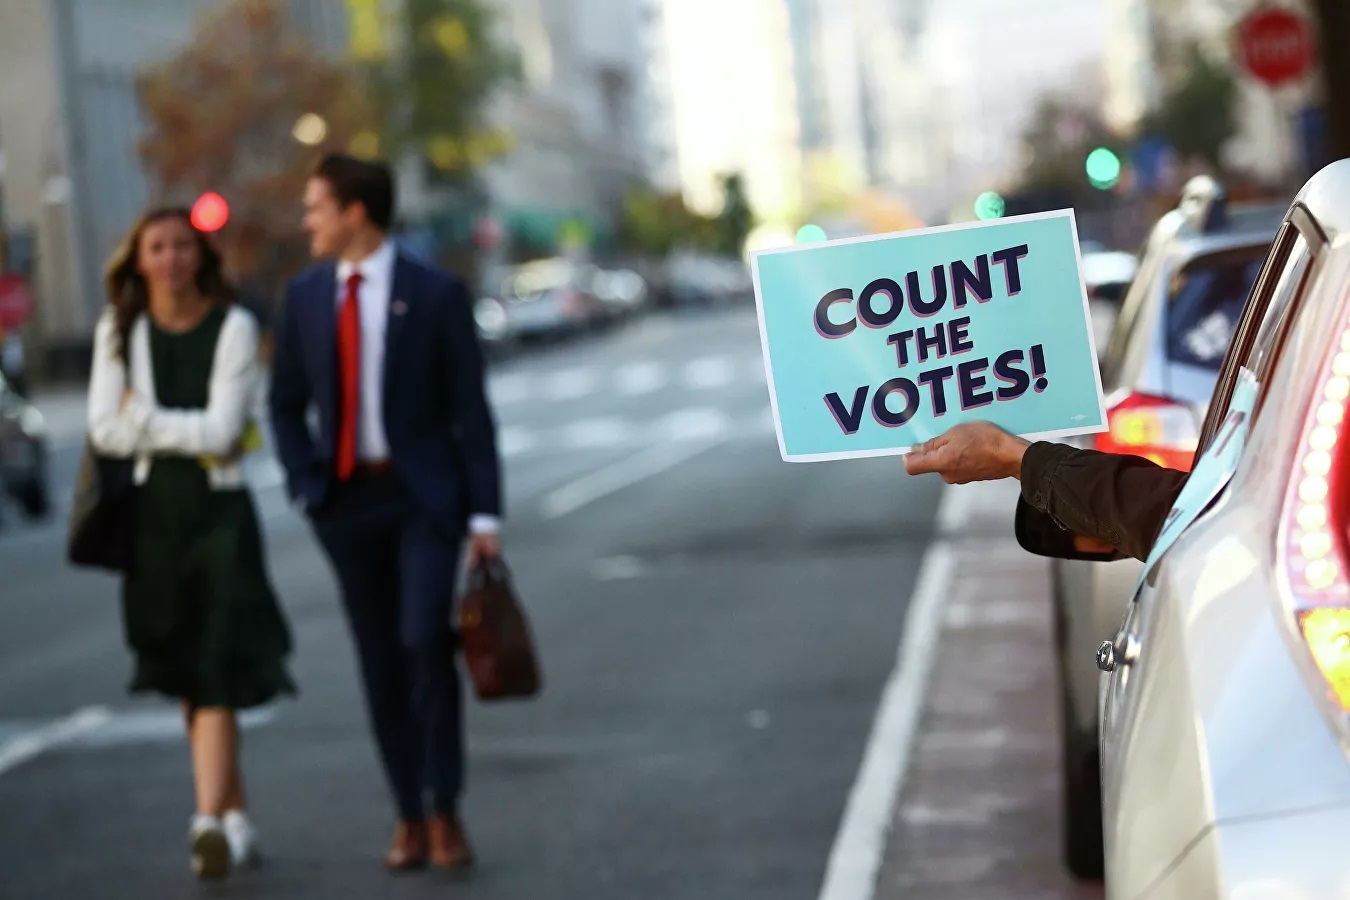 Bầu cử Mỹ: 150 nghìn lá phiếu không được gửi, Trump tiếp tục chỉ trích gian lận